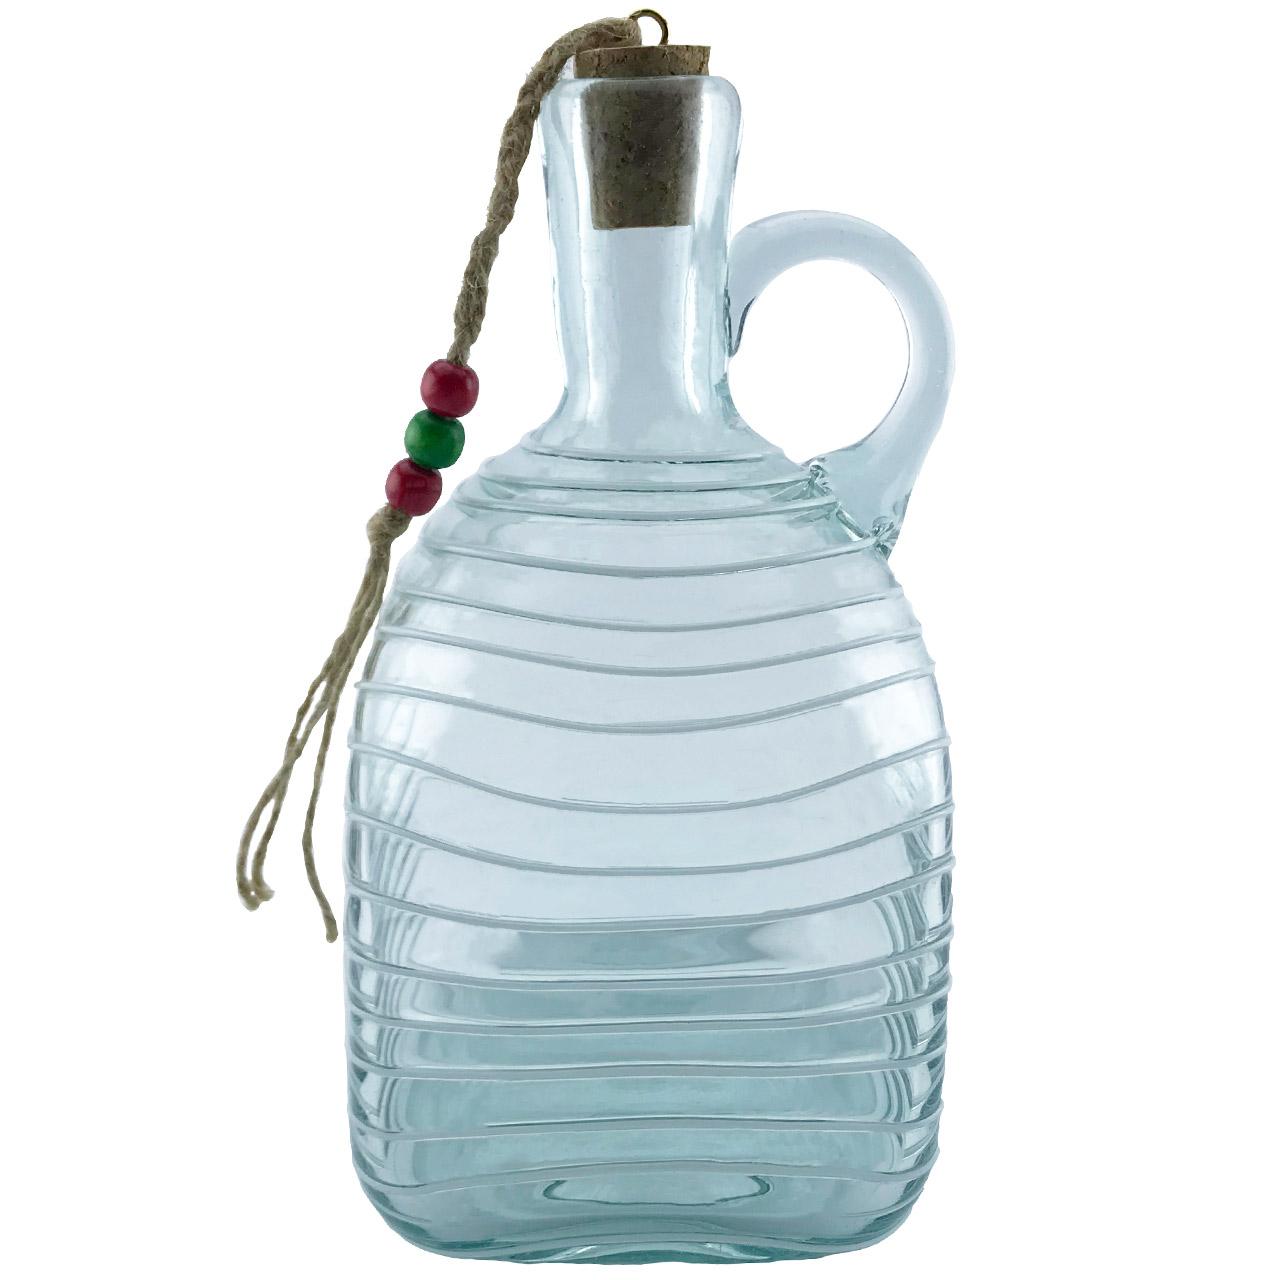 بطری شیشه ای طرح چهارگوش نواری کد 511